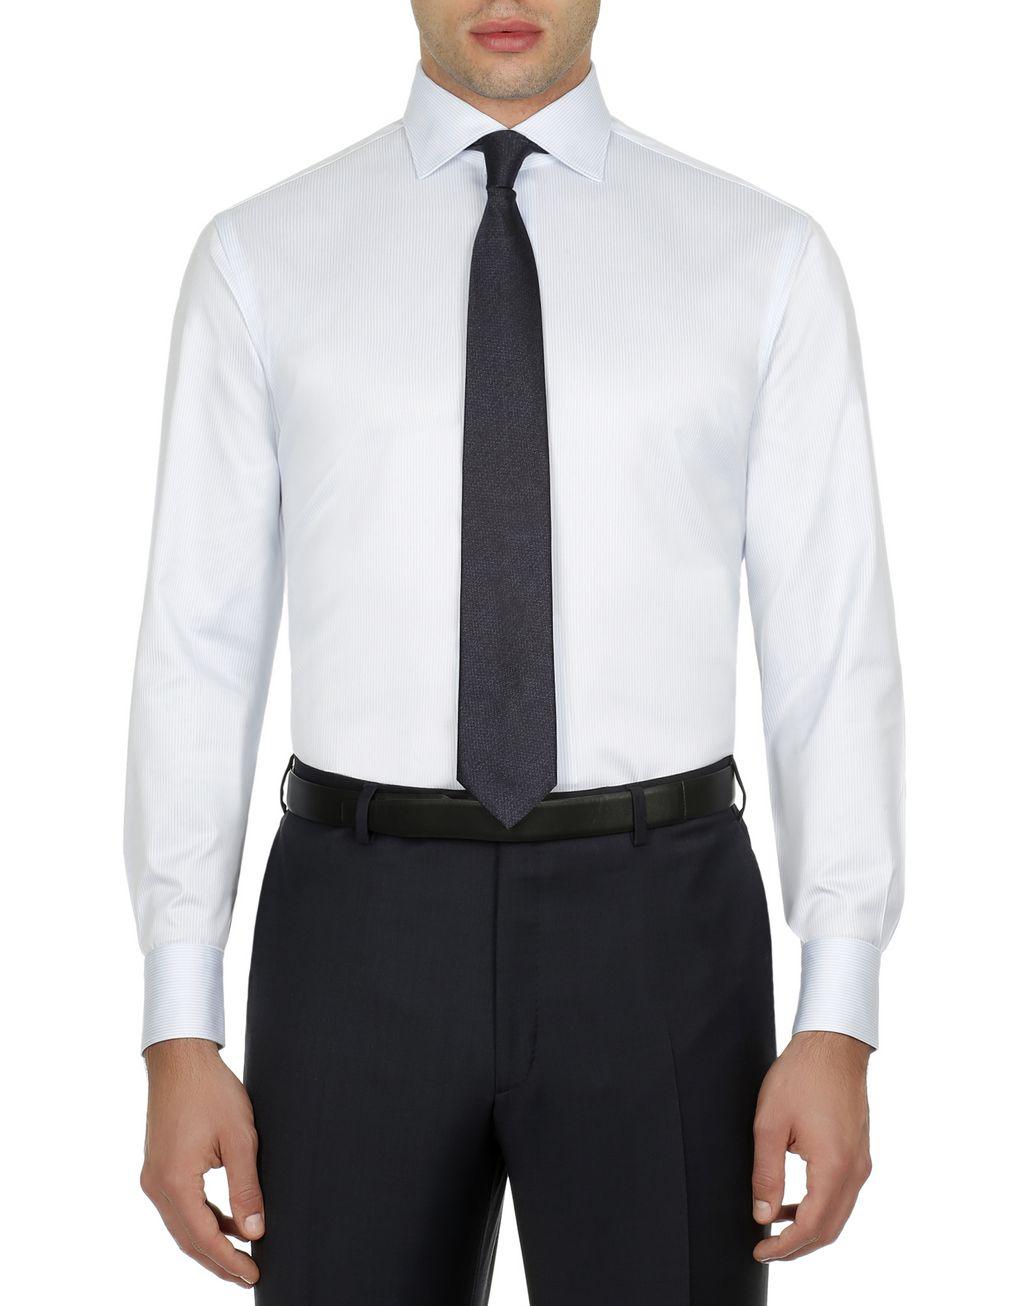 BRIONI Hemd mit Streifenmuster in Weiß und Himmelblau Elegantes Hemd [*** pickupInStoreShippingNotGuaranteed_info ***] r